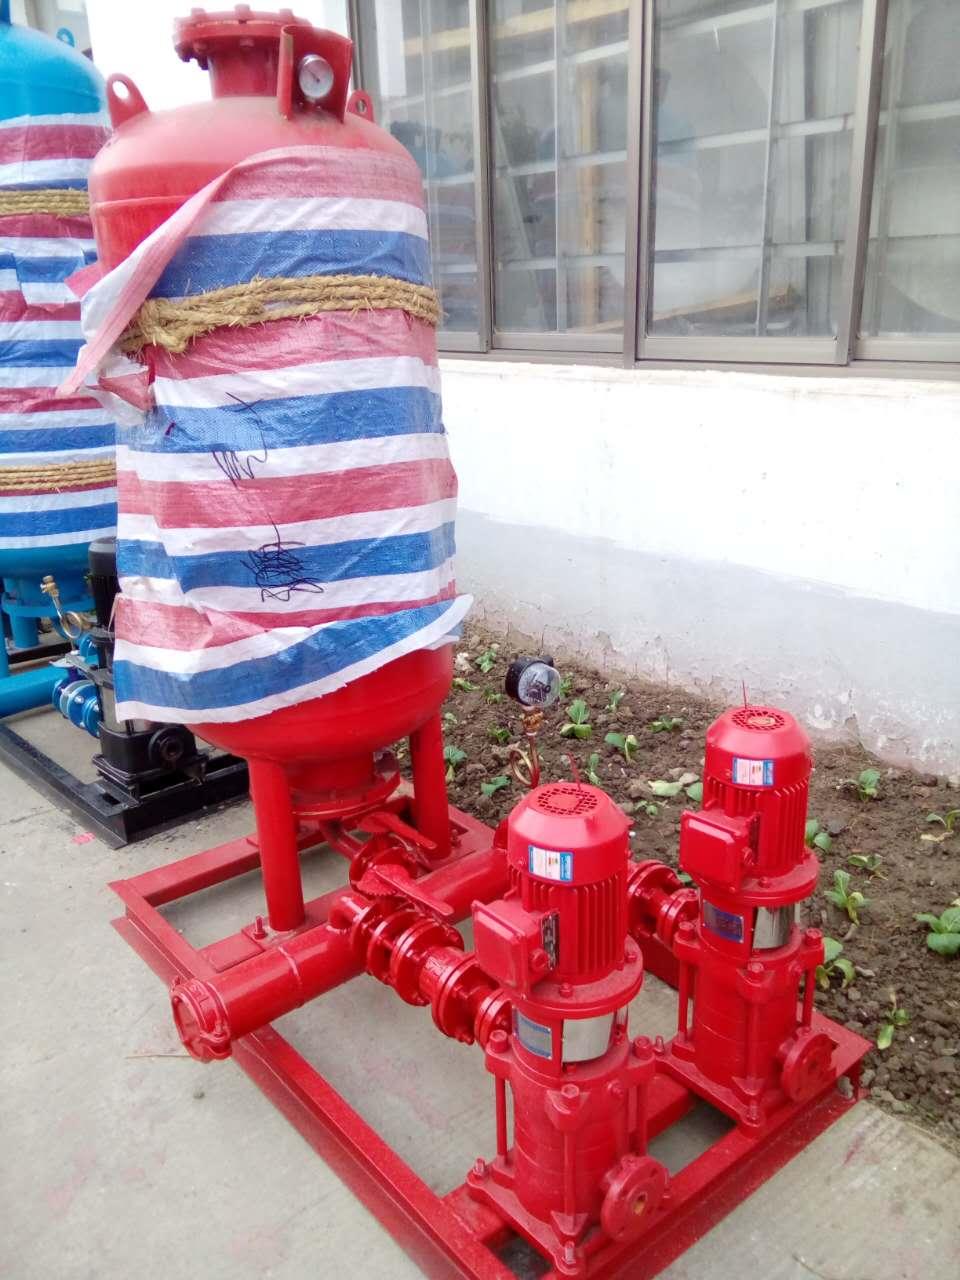 """增压稳压消防泵组  ZW(L)消防增压稳压设备为解决临时高压消防给水系统适用于多层和高层建造工程有增压设施要求的消火栓给水系统及湿式自动喷水灭火系统等各类消防给水、生活给水系统。    控制柜  ZW(L)增压稳压消防泵组  ZW(L)消防增压稳压设备为解决临时高压消防给水系统适用于多层和高层建造工程有增压设施要求的消火栓给水系统及湿式自动喷水灭火系统等各类消防给水、生活给水系统。    产品描述  型号意义     产品简介  一、增压稳压设备根据1996年8月中华人世共和国建设部[1996]108号文进行开发设计的新型增压稳压设备,同时符合98S205(原98S176)的规定。  二、本增压稳压设备为解决临时高压消防给水系统所设的高位消防水箱,其设置高度满足不了该系统不利点静水压时应设增压设施的要求,设计编制了为消防专用的增压稳压设备(以下简称""""设备"""